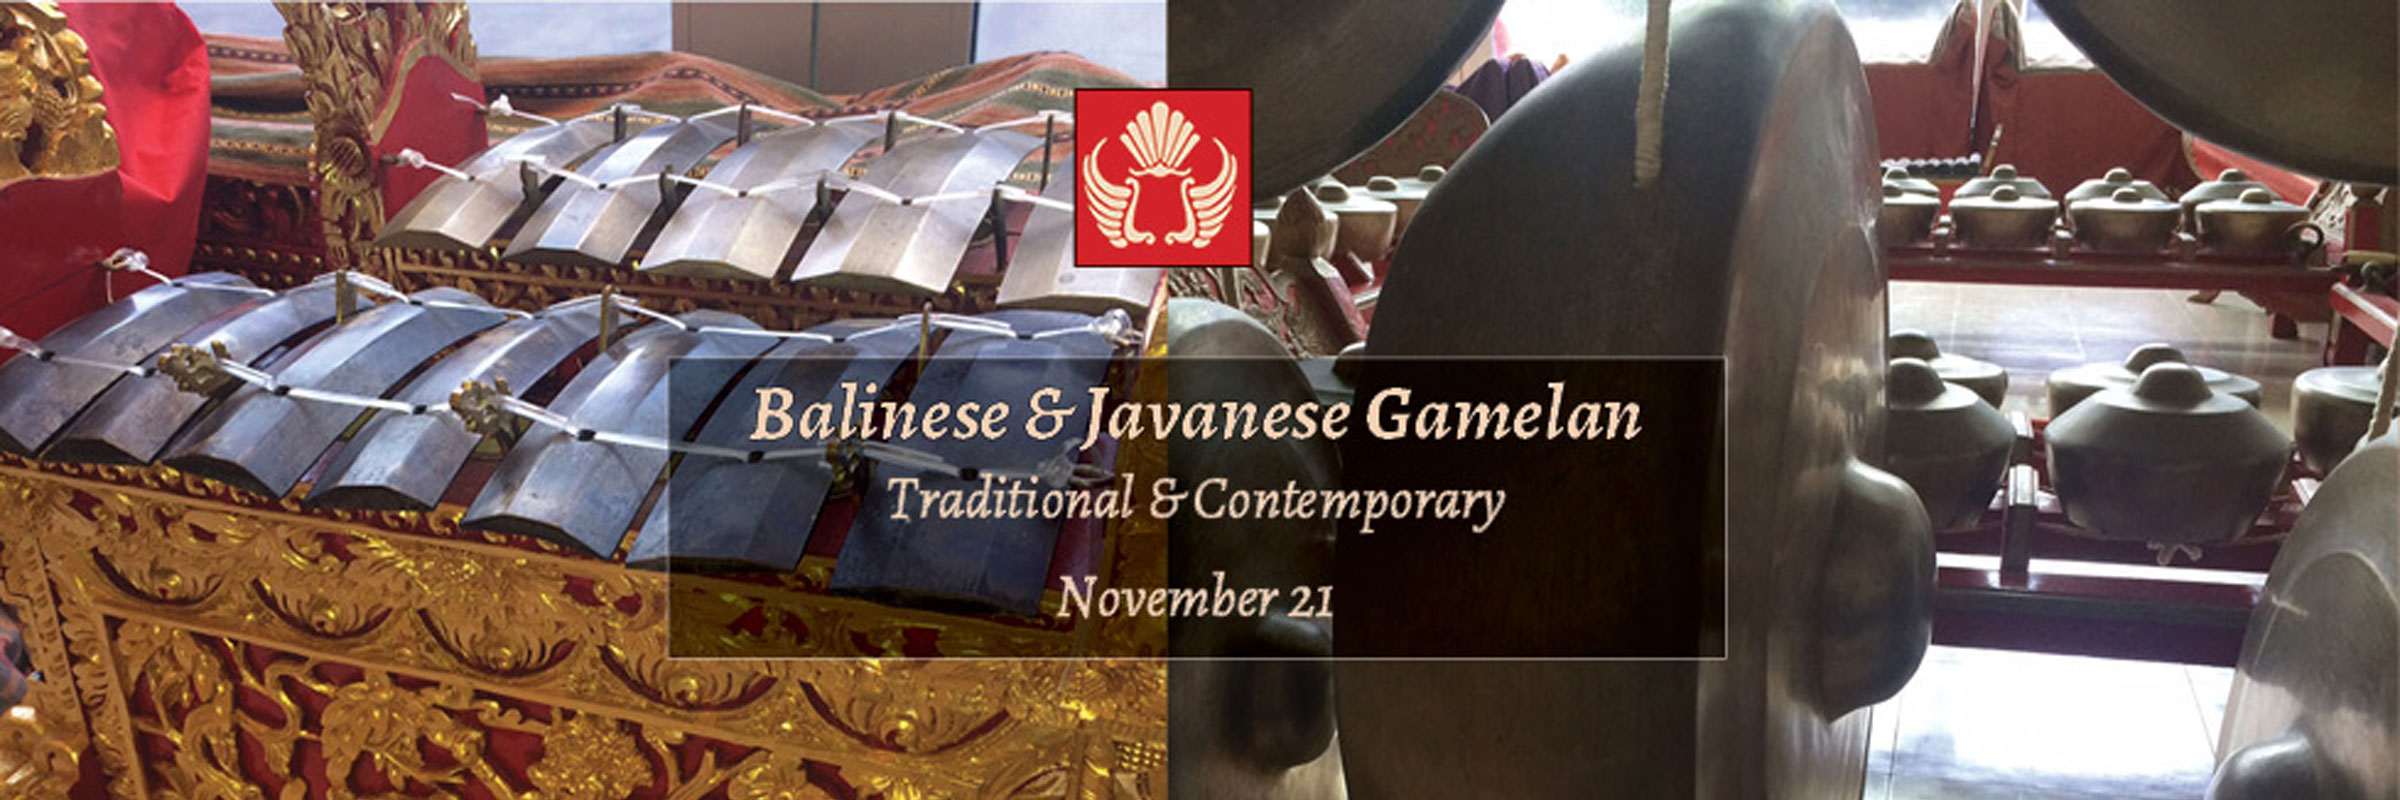 21051121-Gamelan-banner